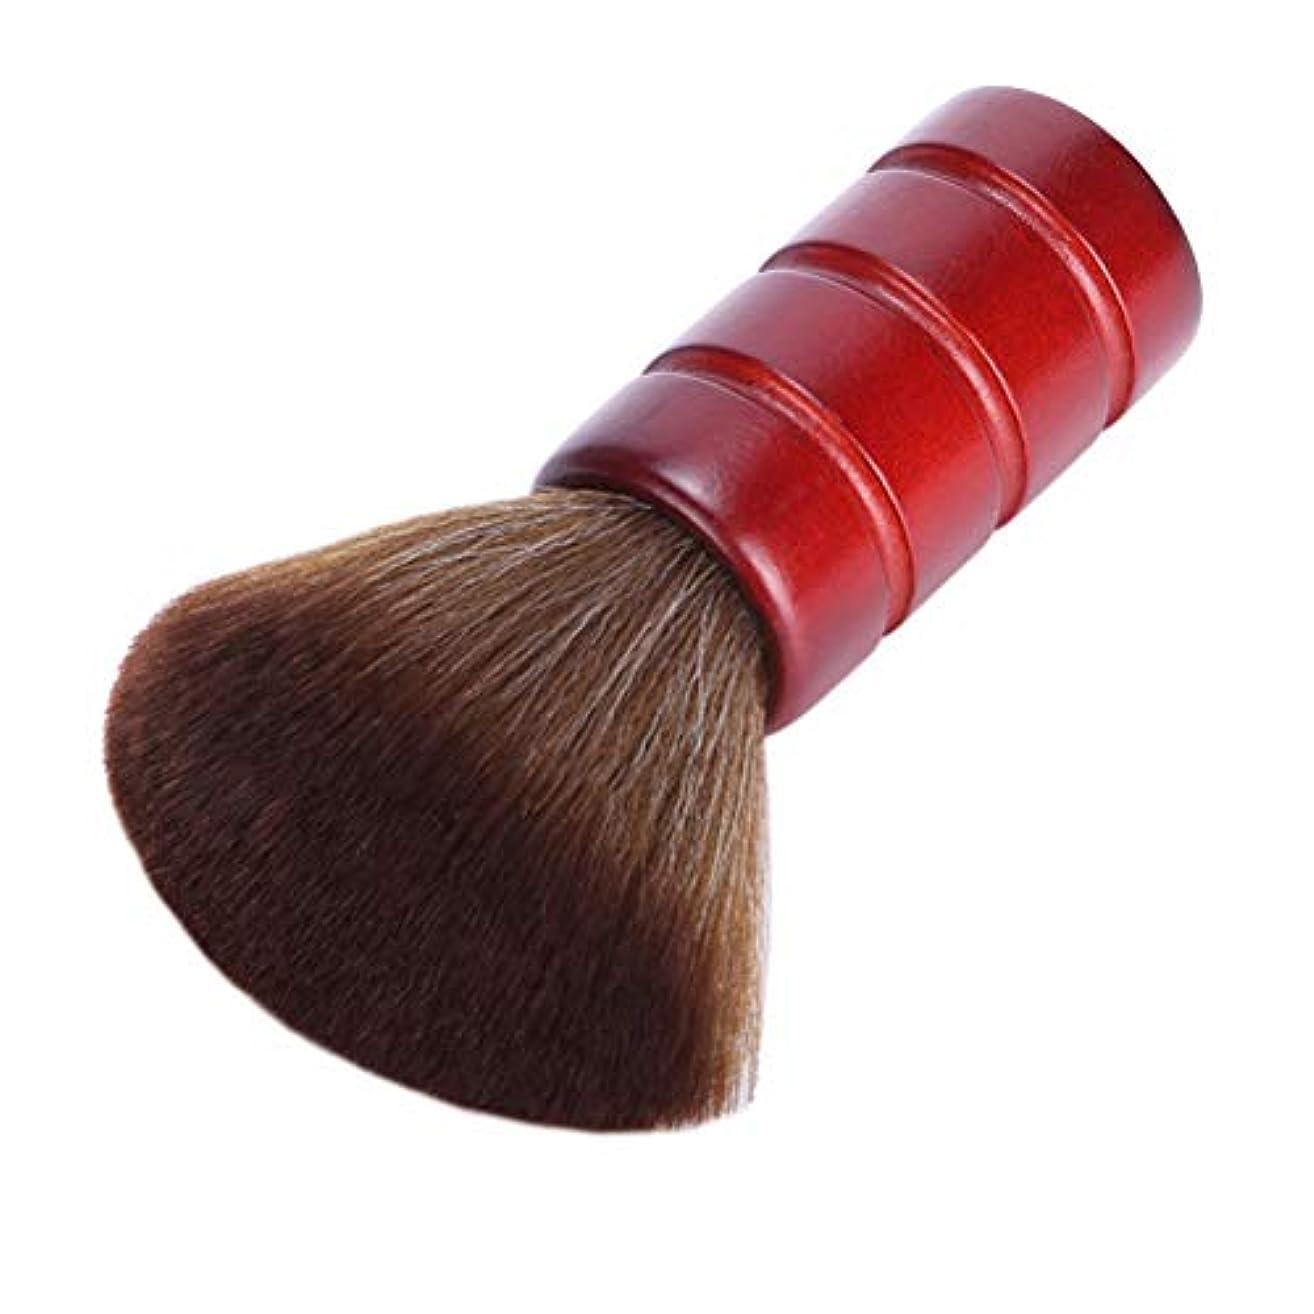 数上流の達成するLurroseプロフェッショナルヘアカットブラシソフトファイバーフェイスネックダスターブラシ理髪サロン理容ツール